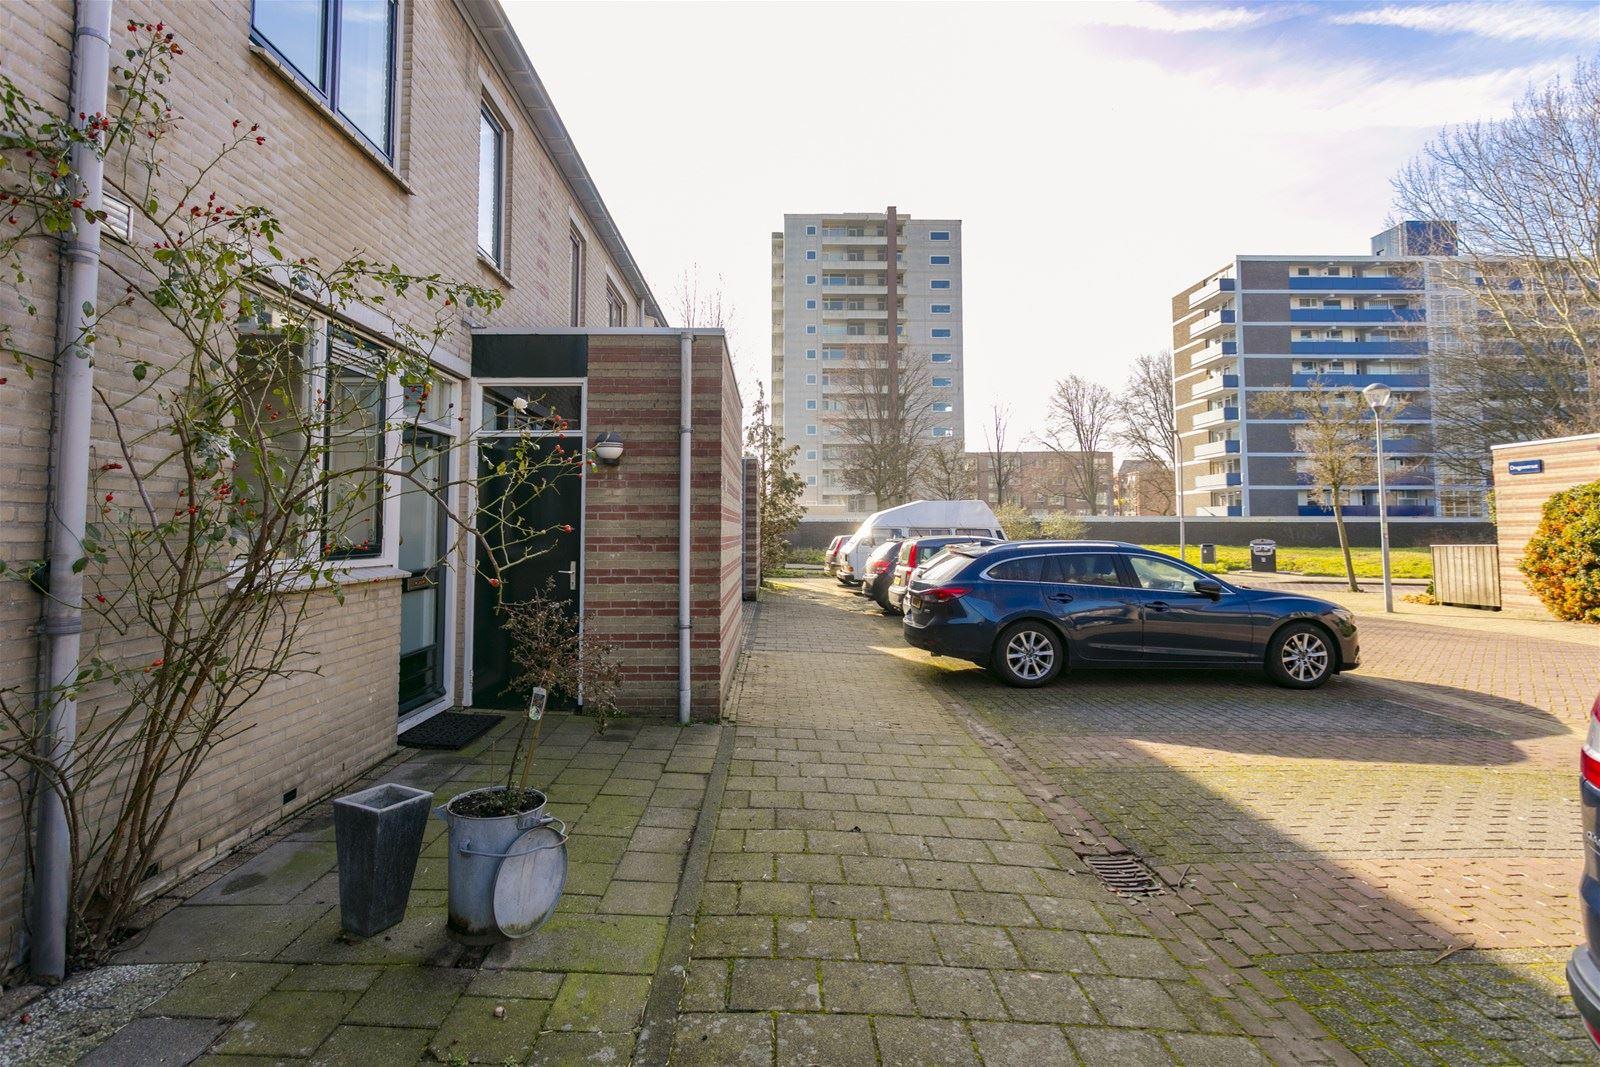 kruidenbuurt-europawijk-schalkwijk-haarlem-oost-dragonstraat